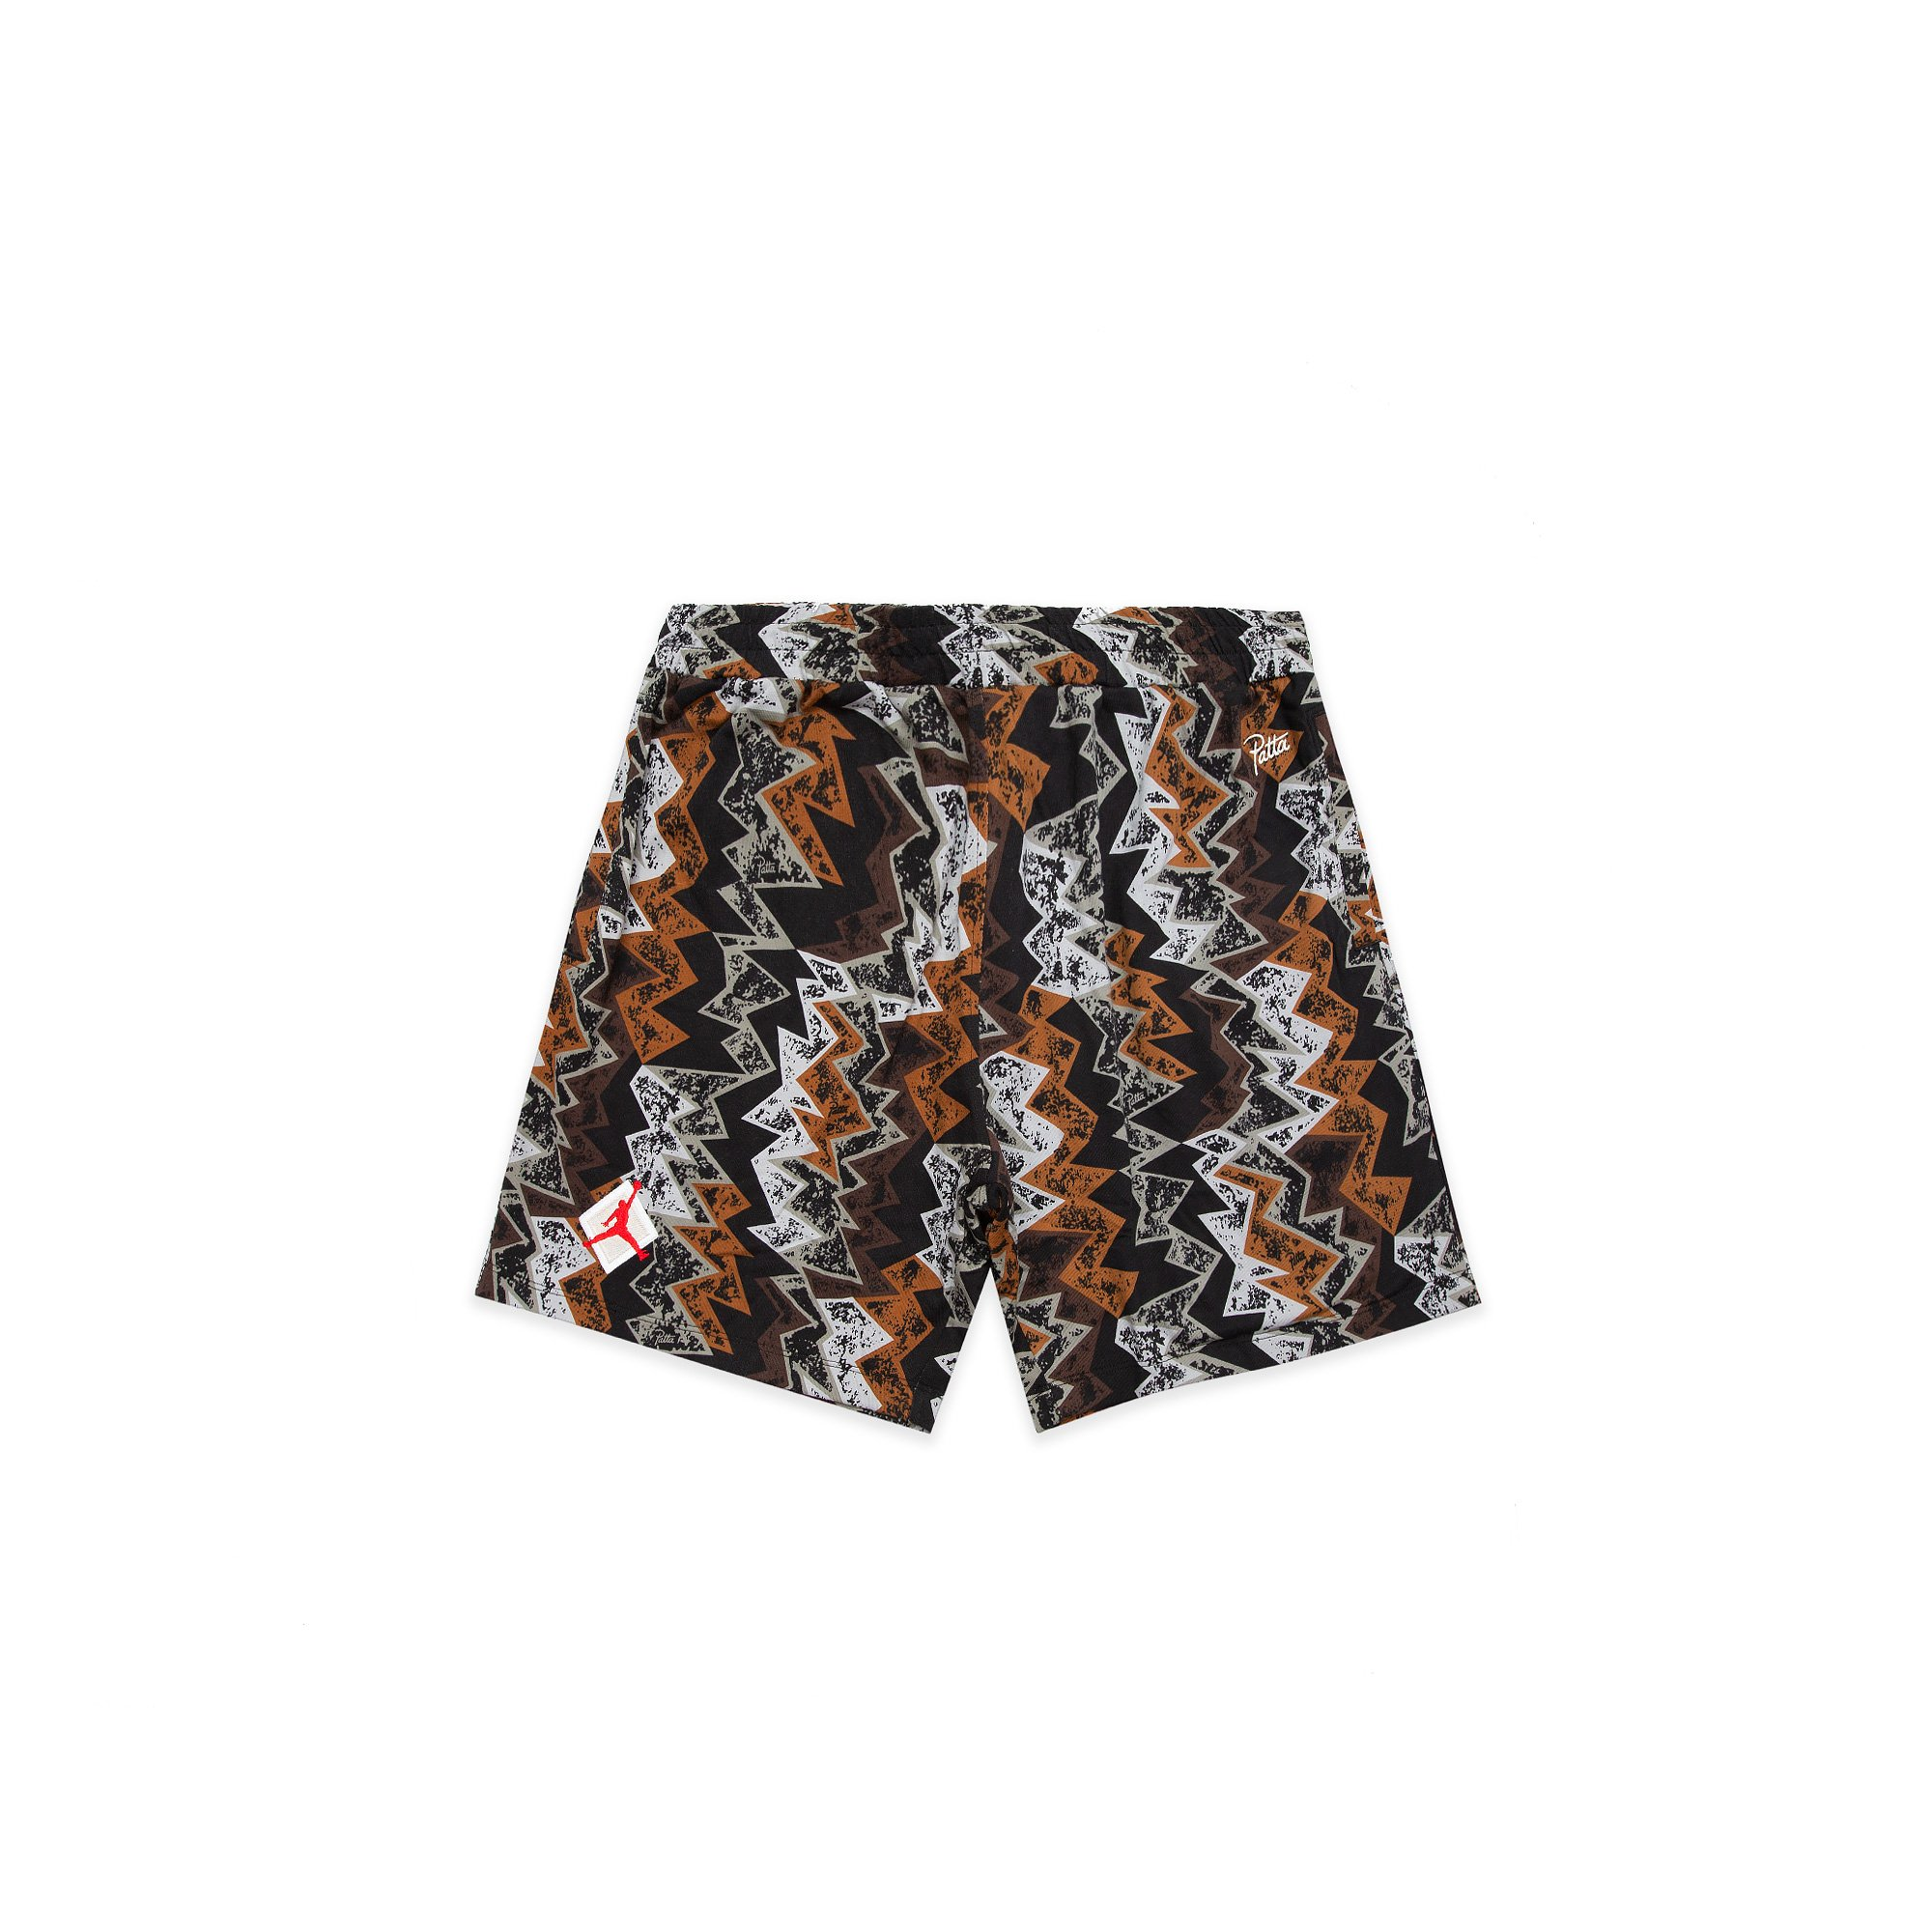 Patta x Air Jordan NRG Shorts